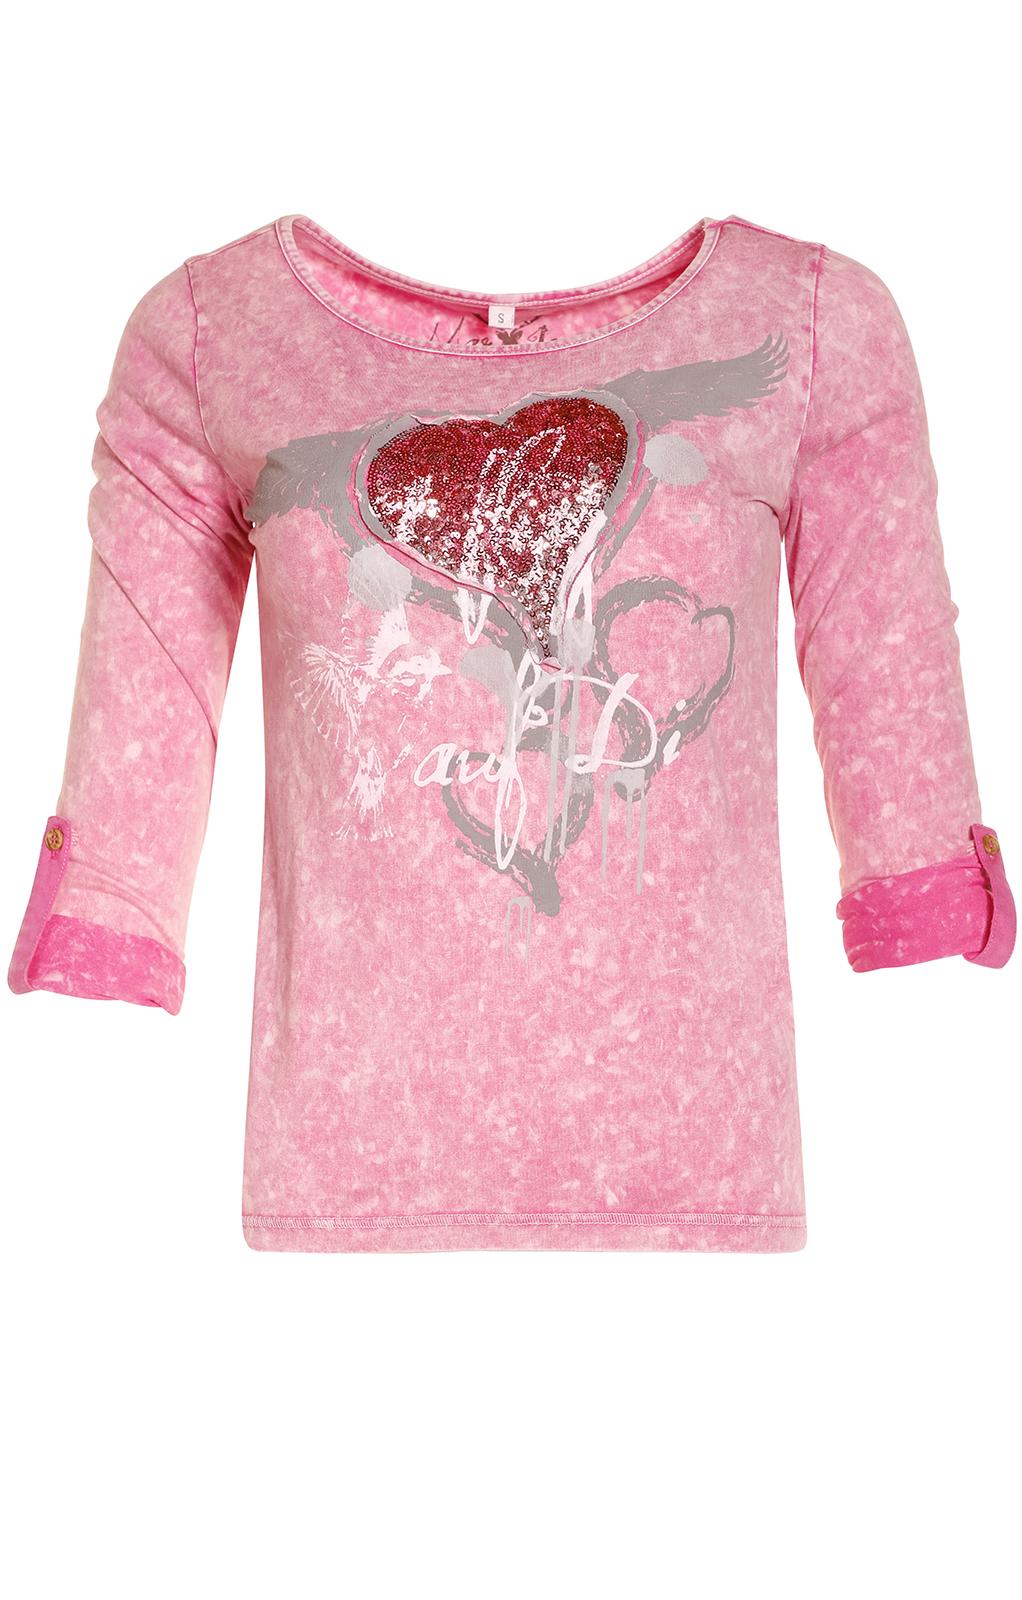 weitere Bilder von Trachten Shirt K30-FLIAGA pink